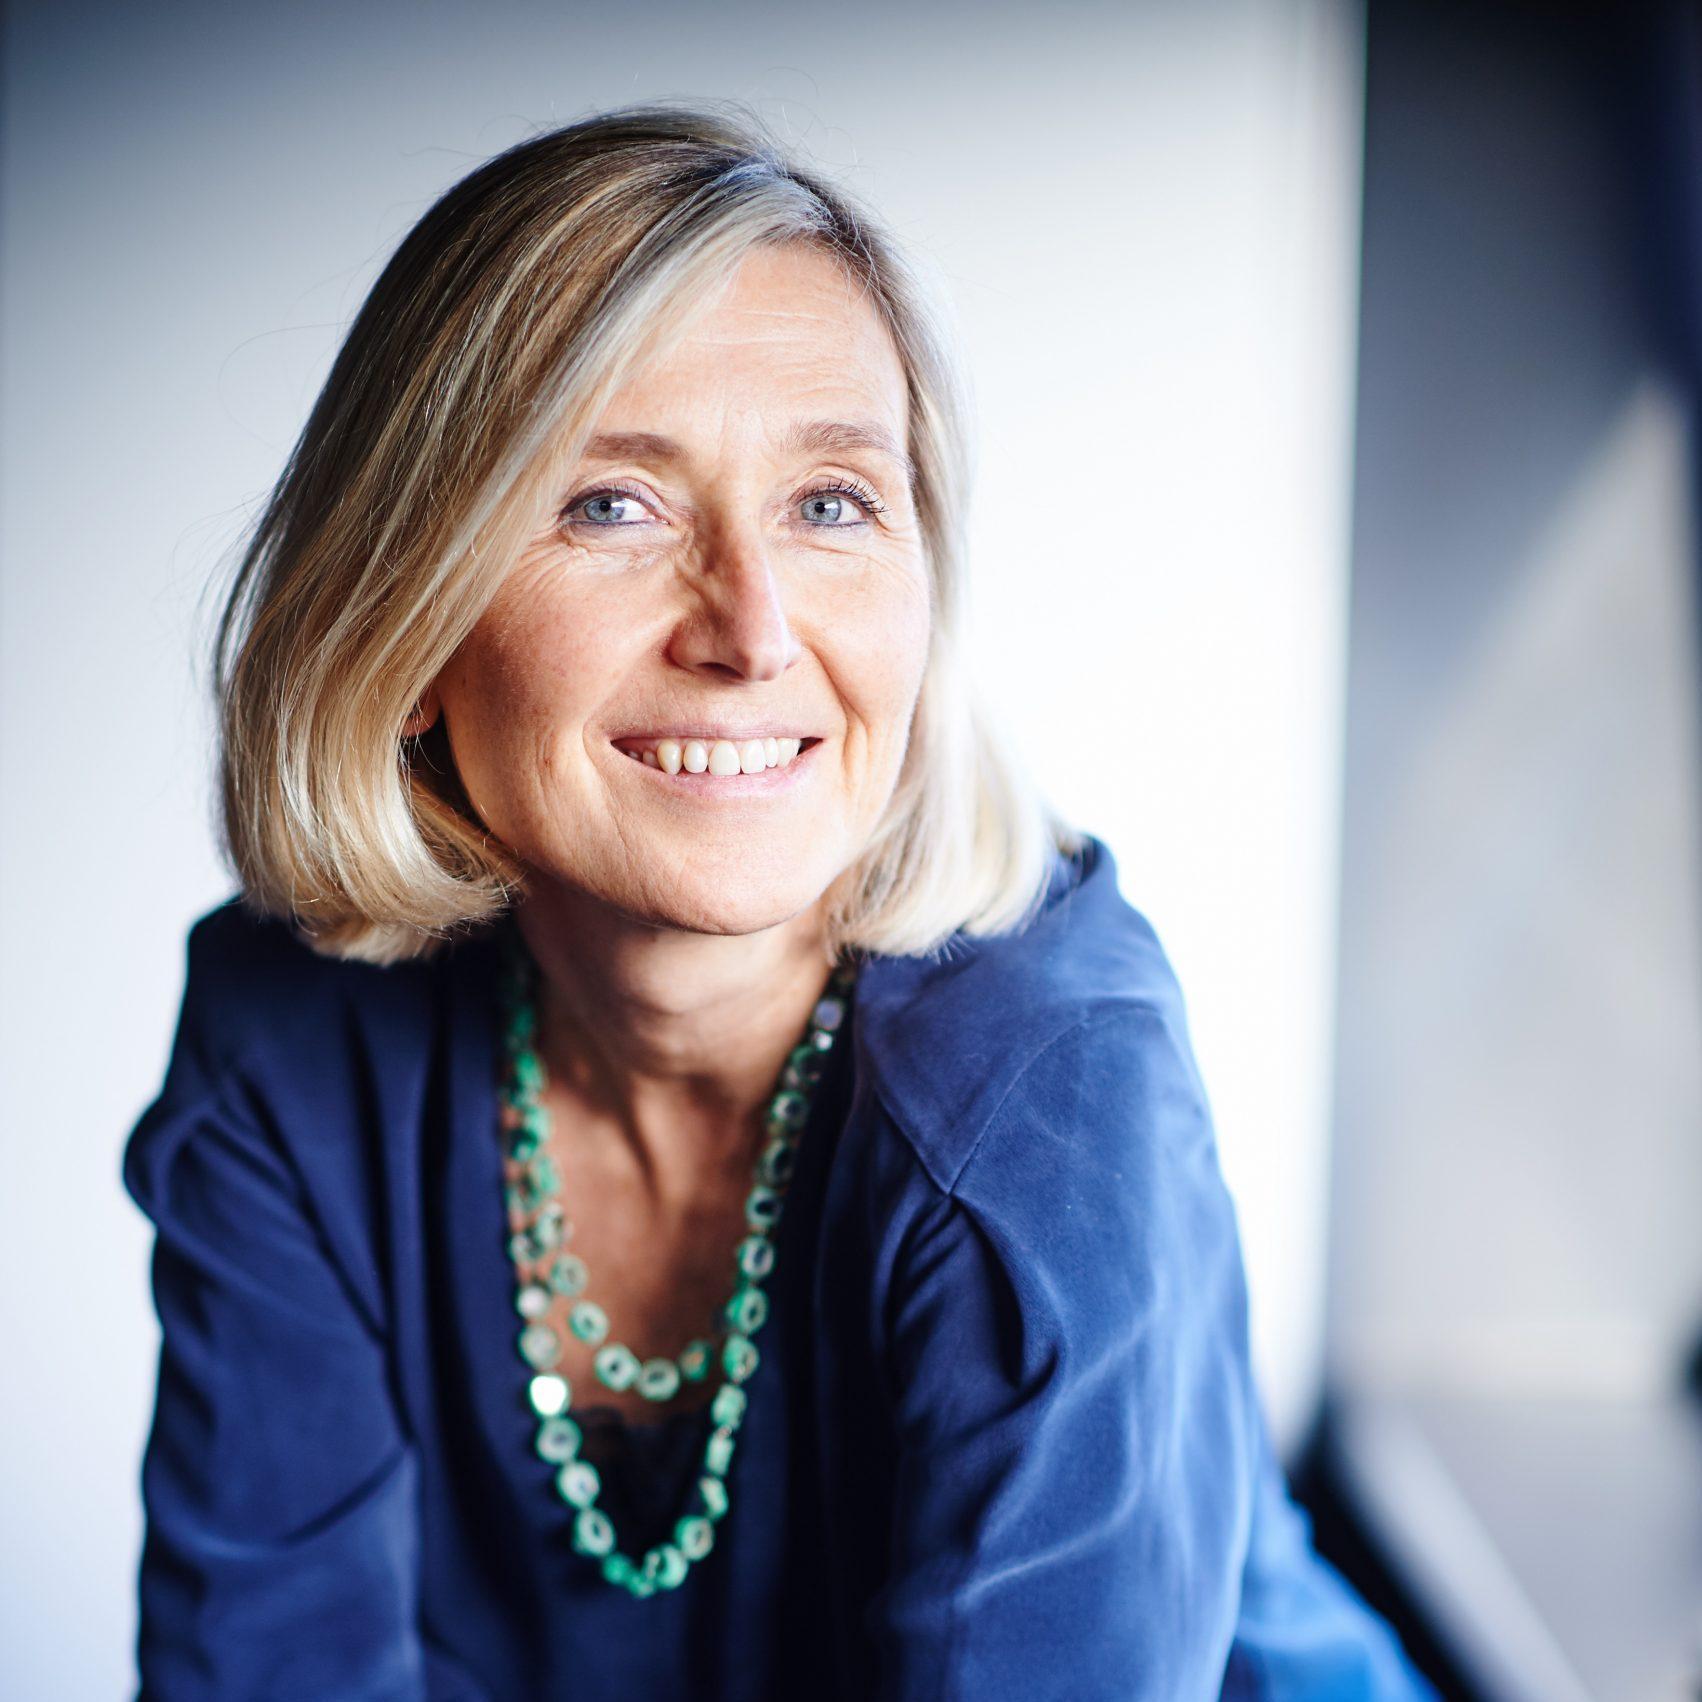 Anne Vierstraete